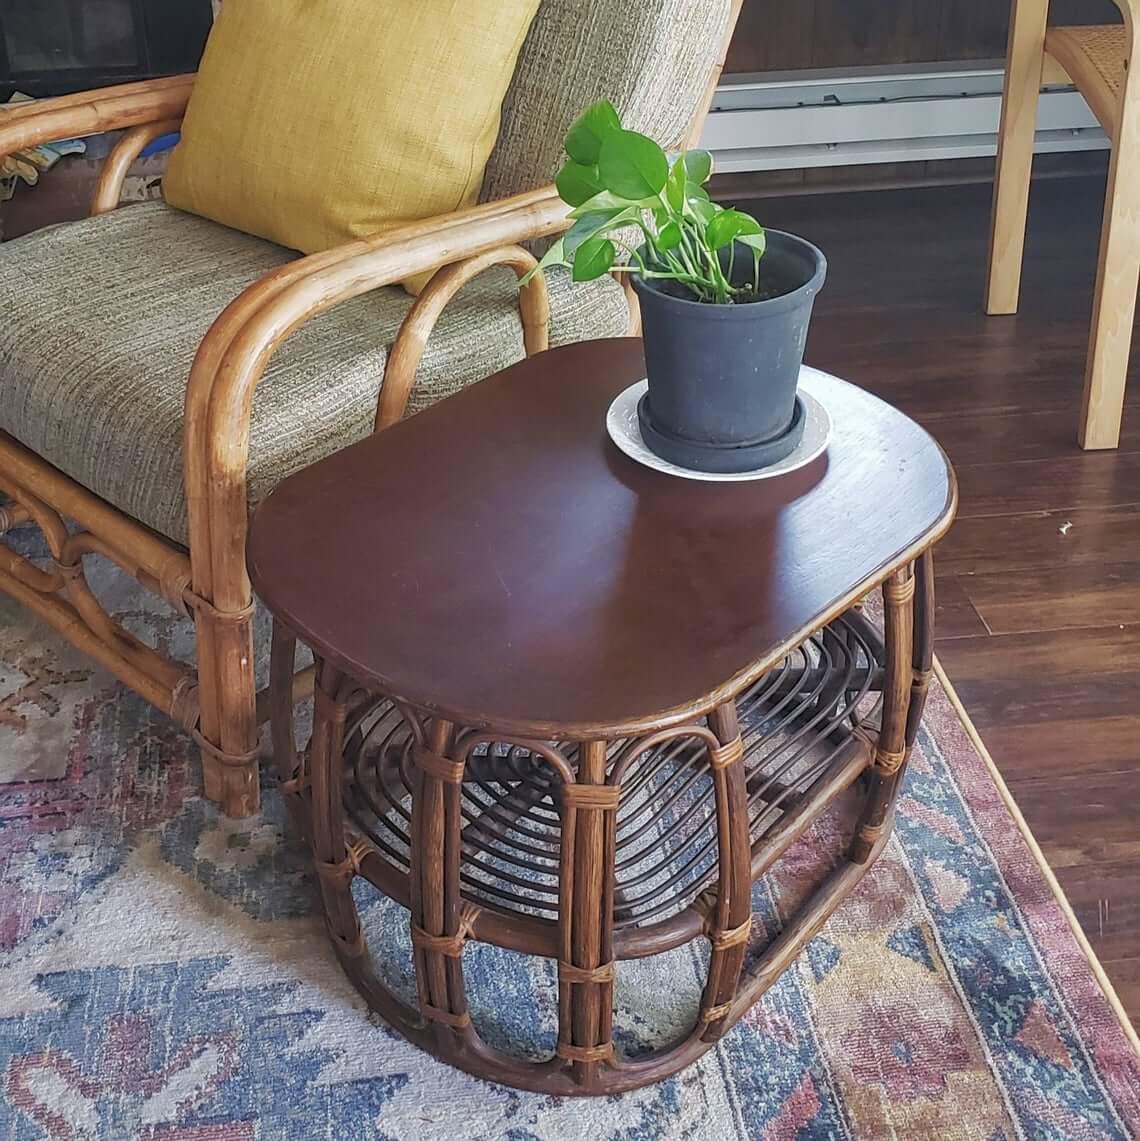 Peacock Wicker Bamboo Rattan Table